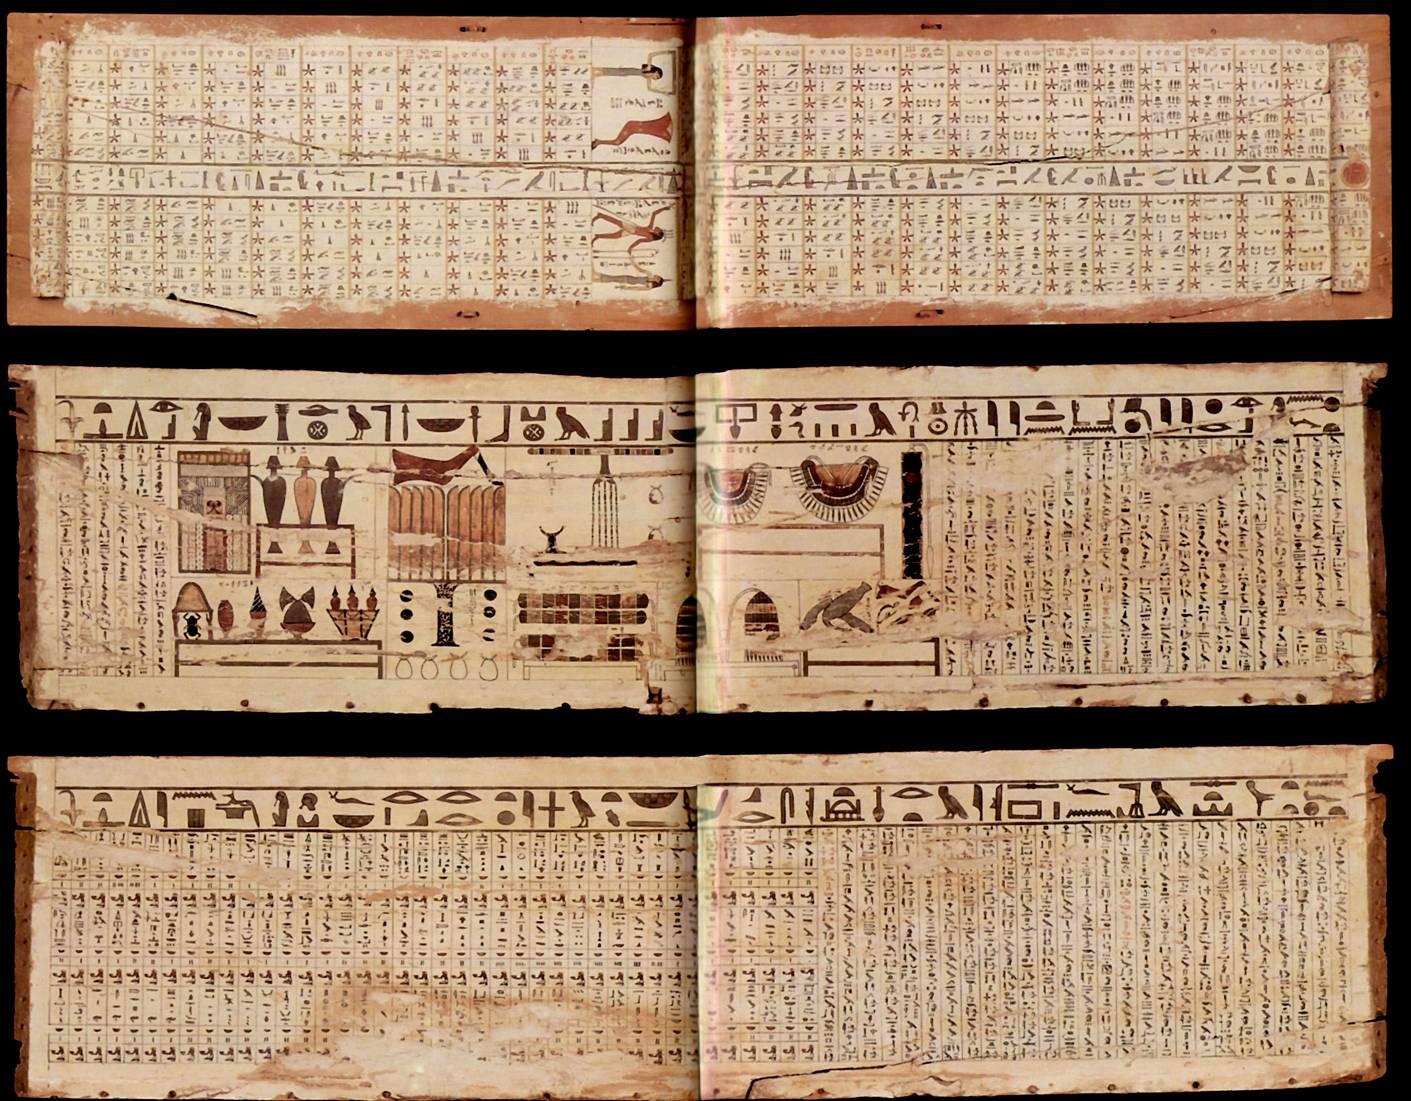 ecriture-hieroglyphique-egyptienne_03